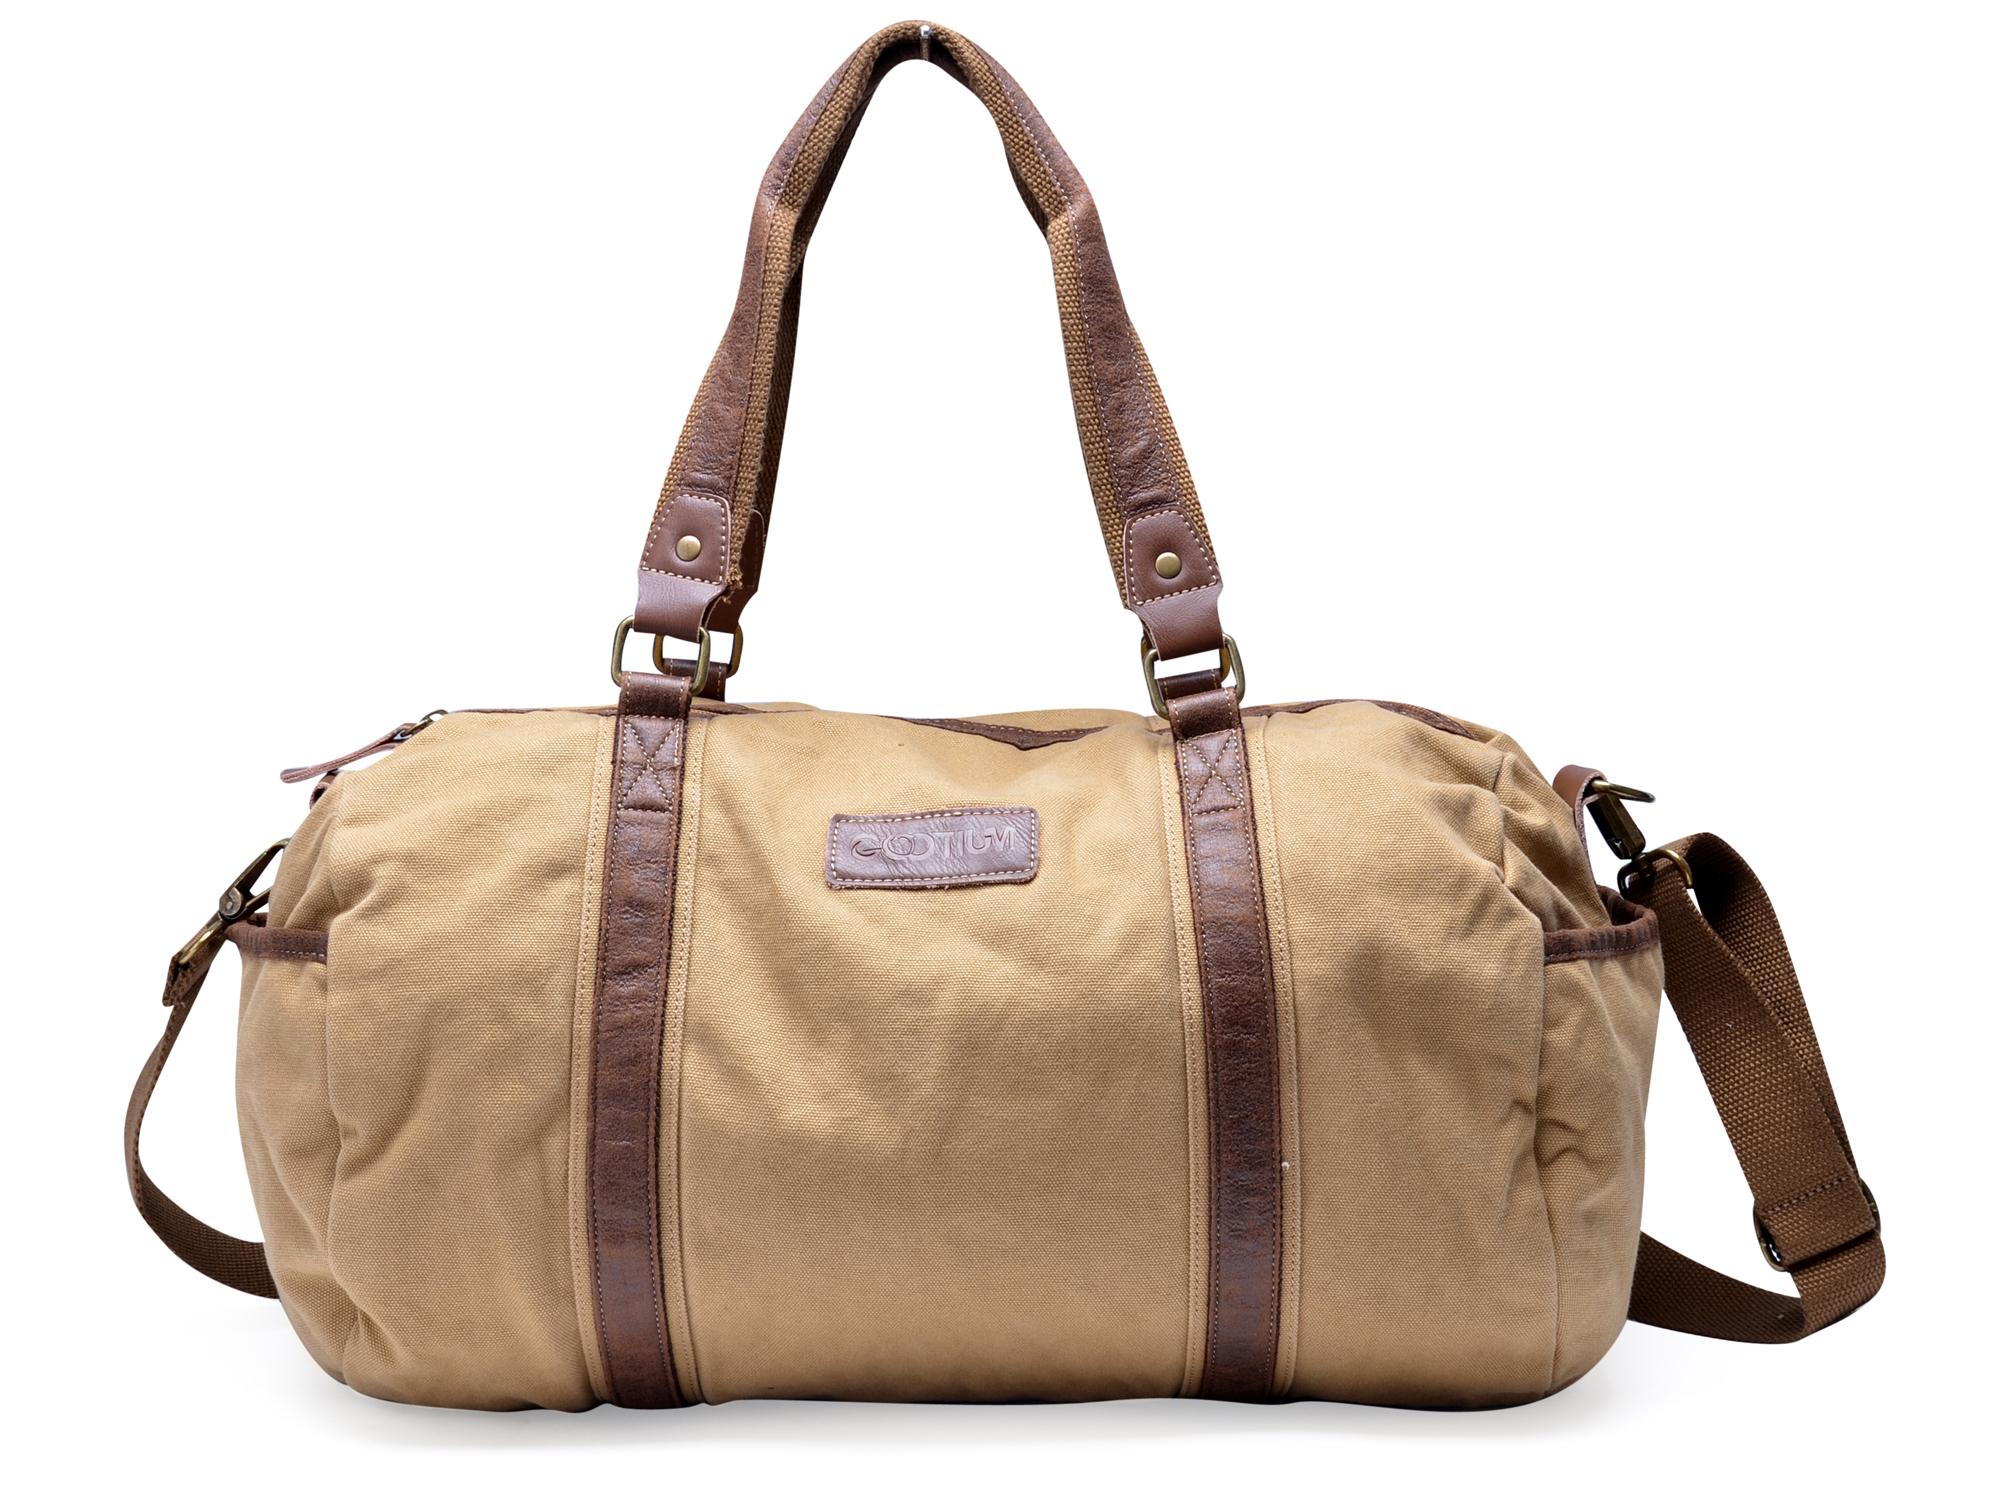 Buy gym bag handbag   OFF30% Discounted 1d50239e5be7d